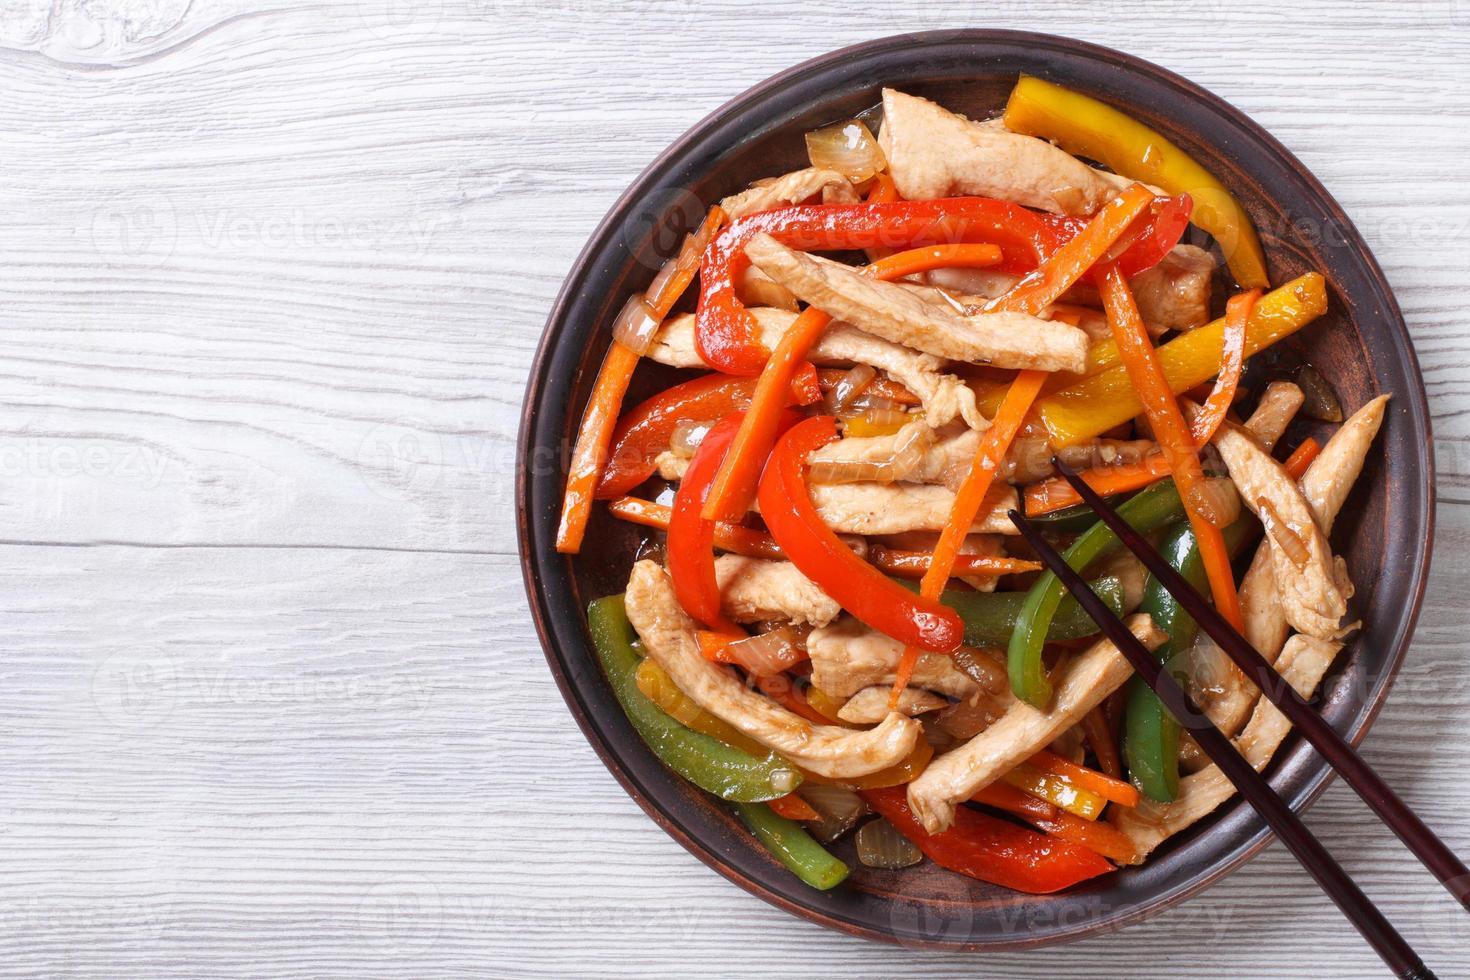 comida asiática: frango em molho agridoce com legumes foto